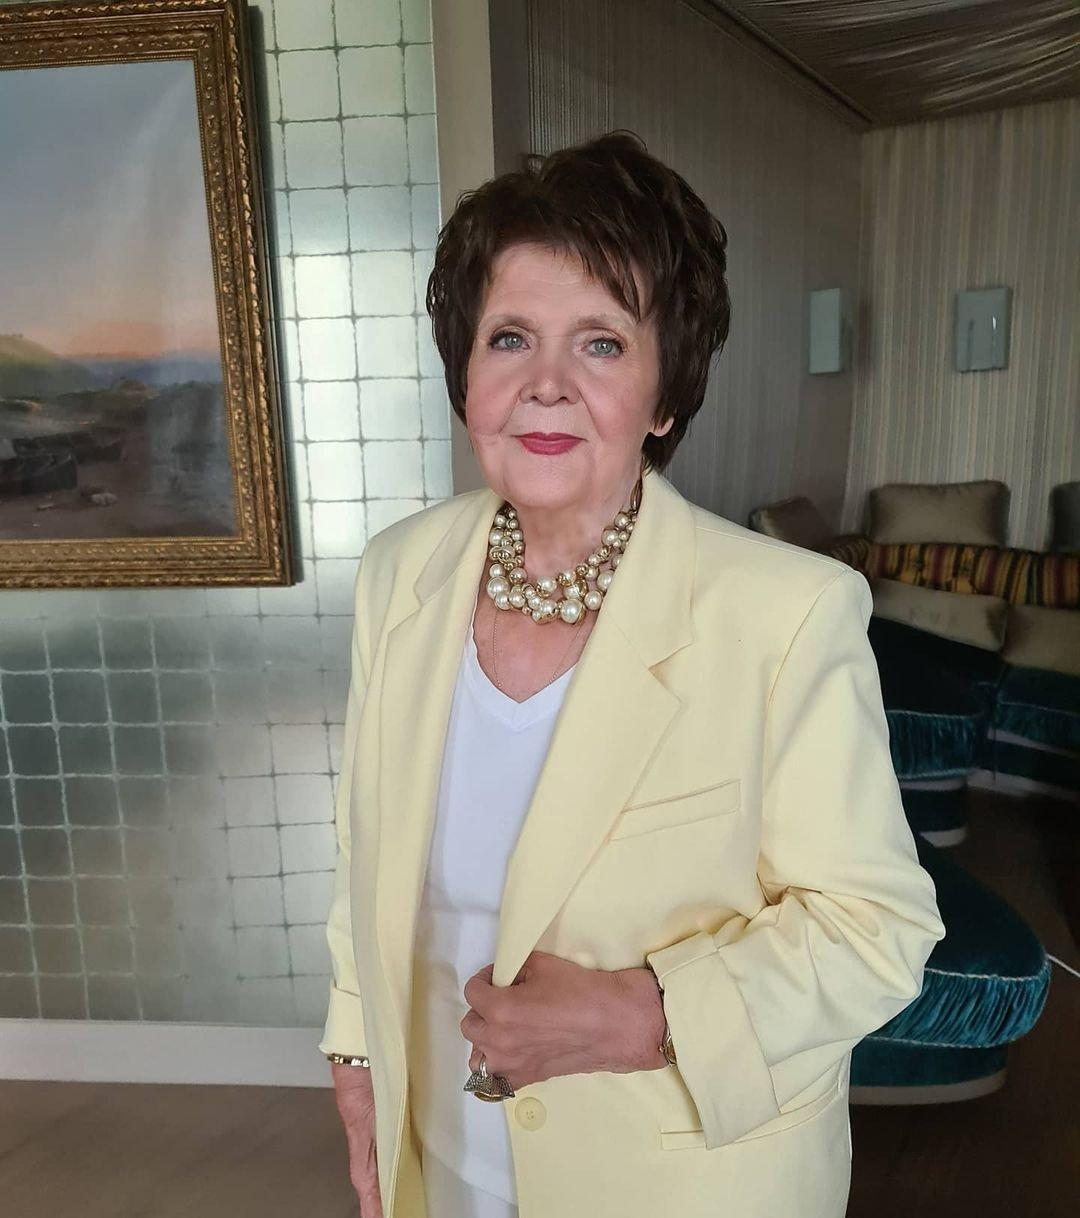 Мама Валерии впервые увидела внучку Селин на 83-й день рождения